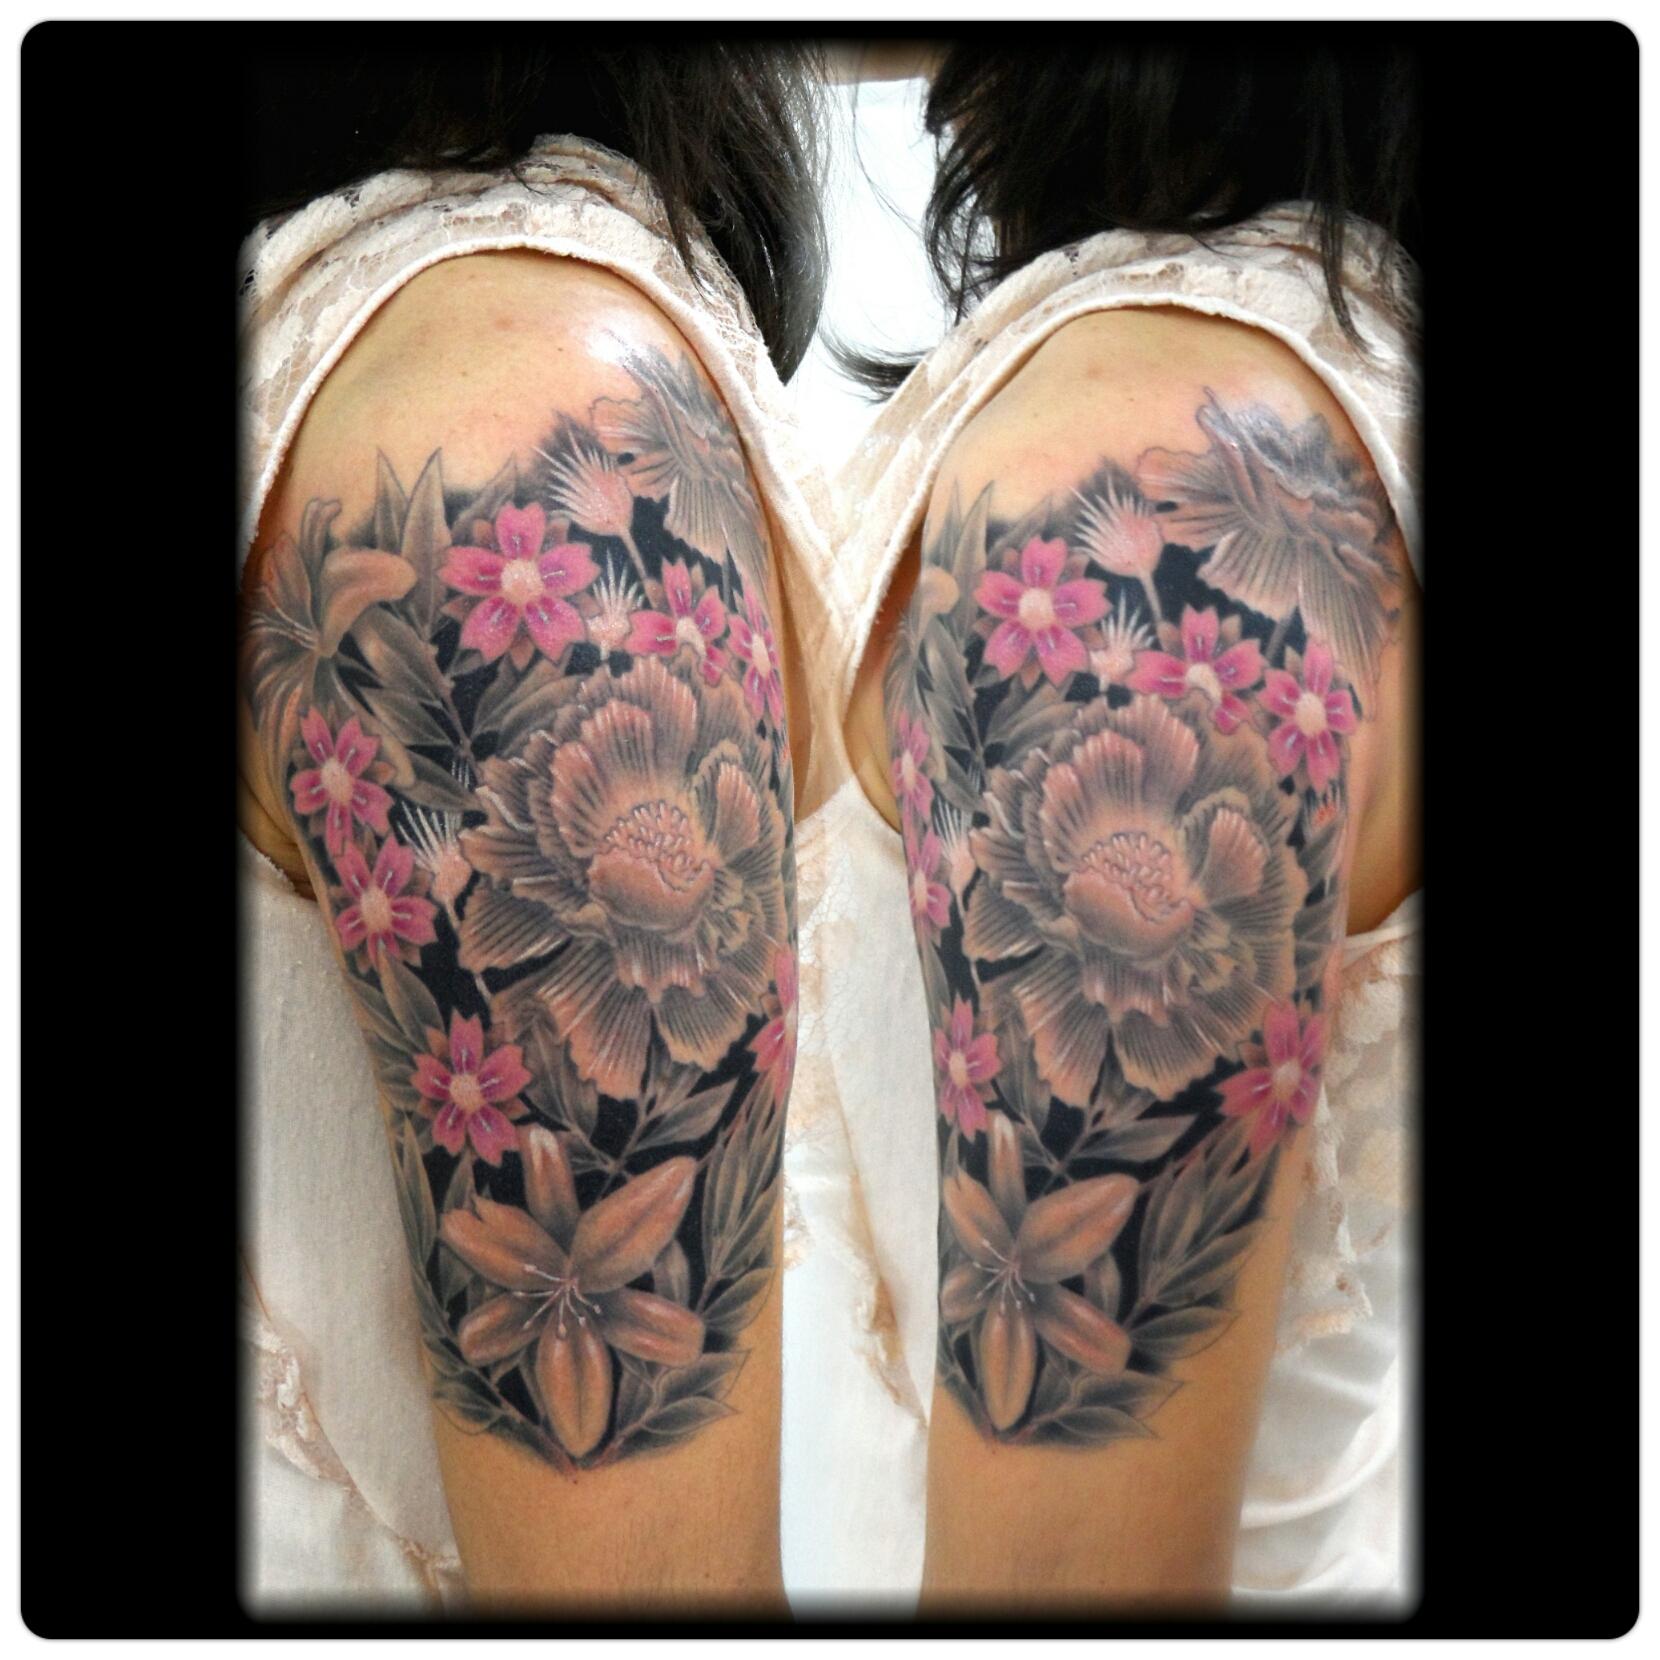 flores+sombreada+fechamento+braço+mrpaul+ribeirao+preto+tattoo+dermographic